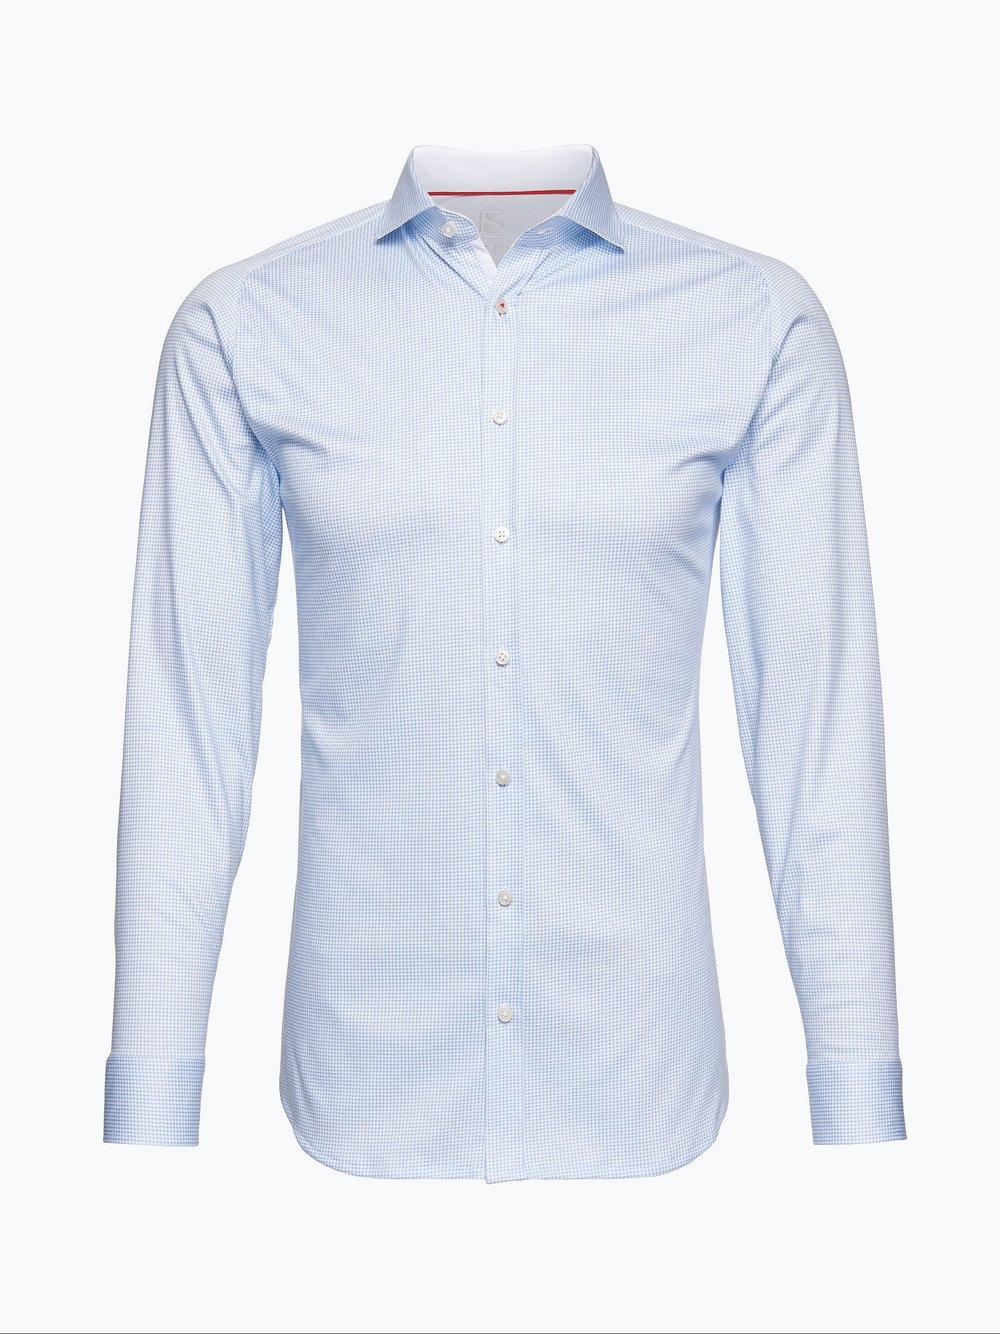 a7cdf19edc8d85 Desoto Koszula męska niewymagająca prasowania kup online | VANGRAAF.COM